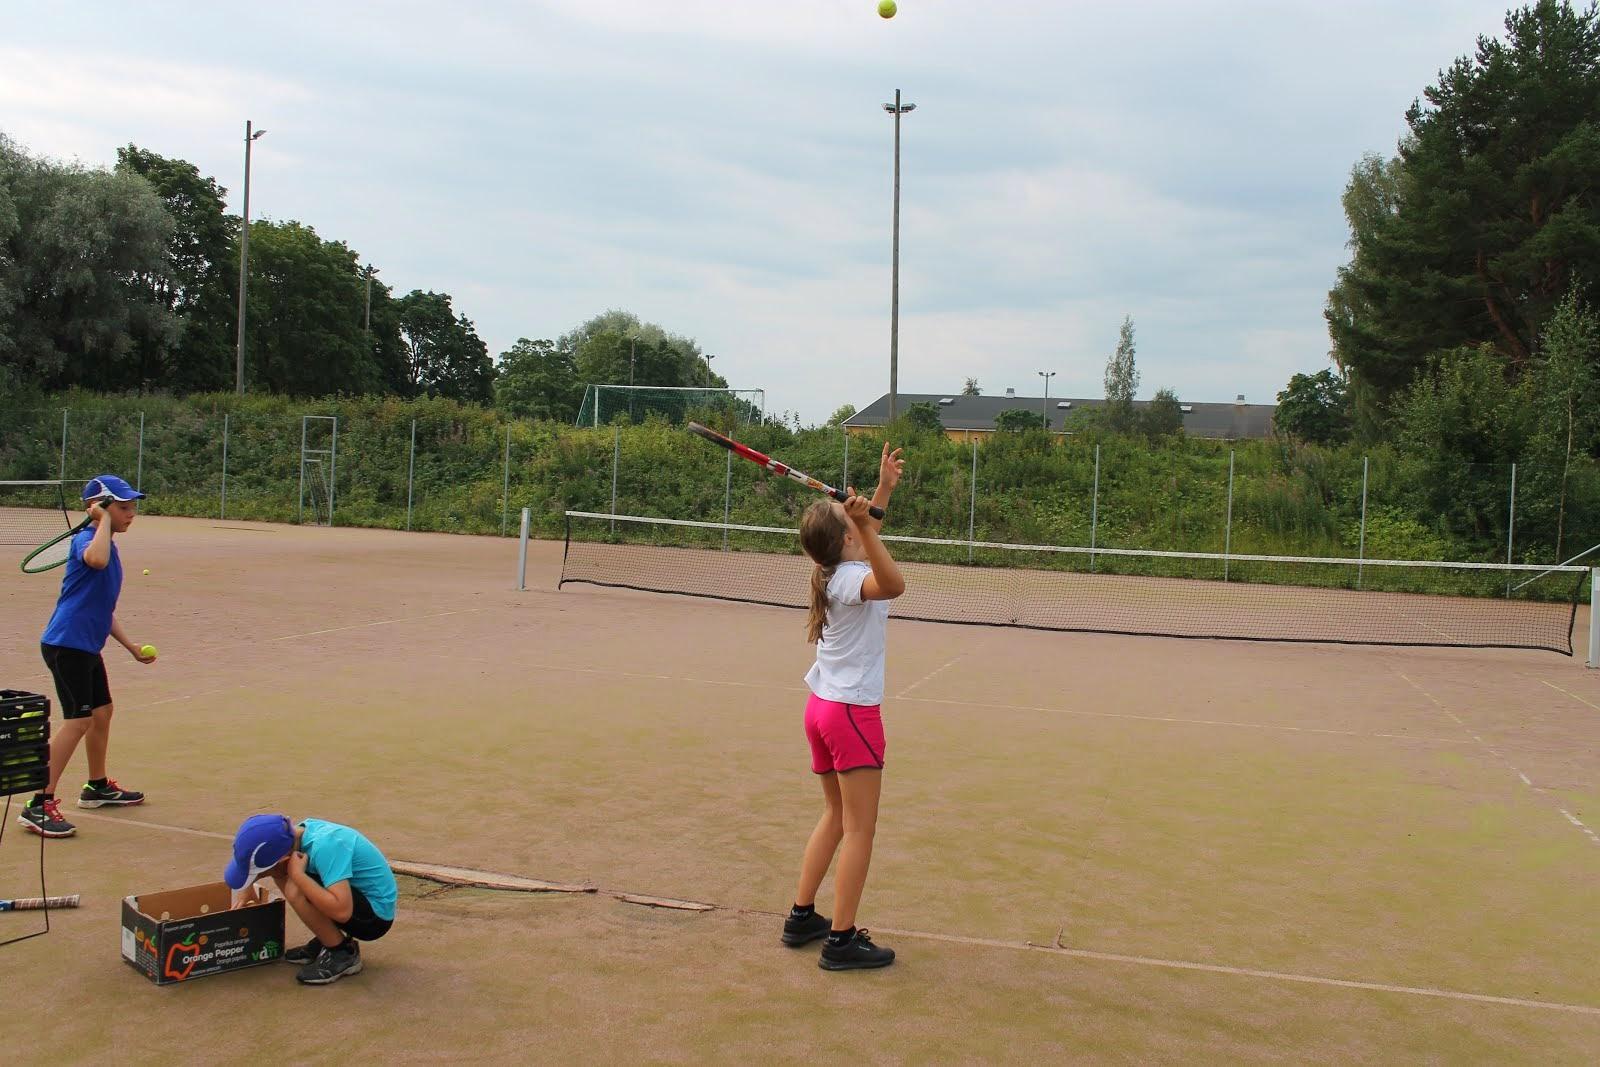 Tennisvalmentaja Olavi Lehto käytettävissänne Tenniskoulu Nokia Tampere Pirkkala Pirkanmaalla